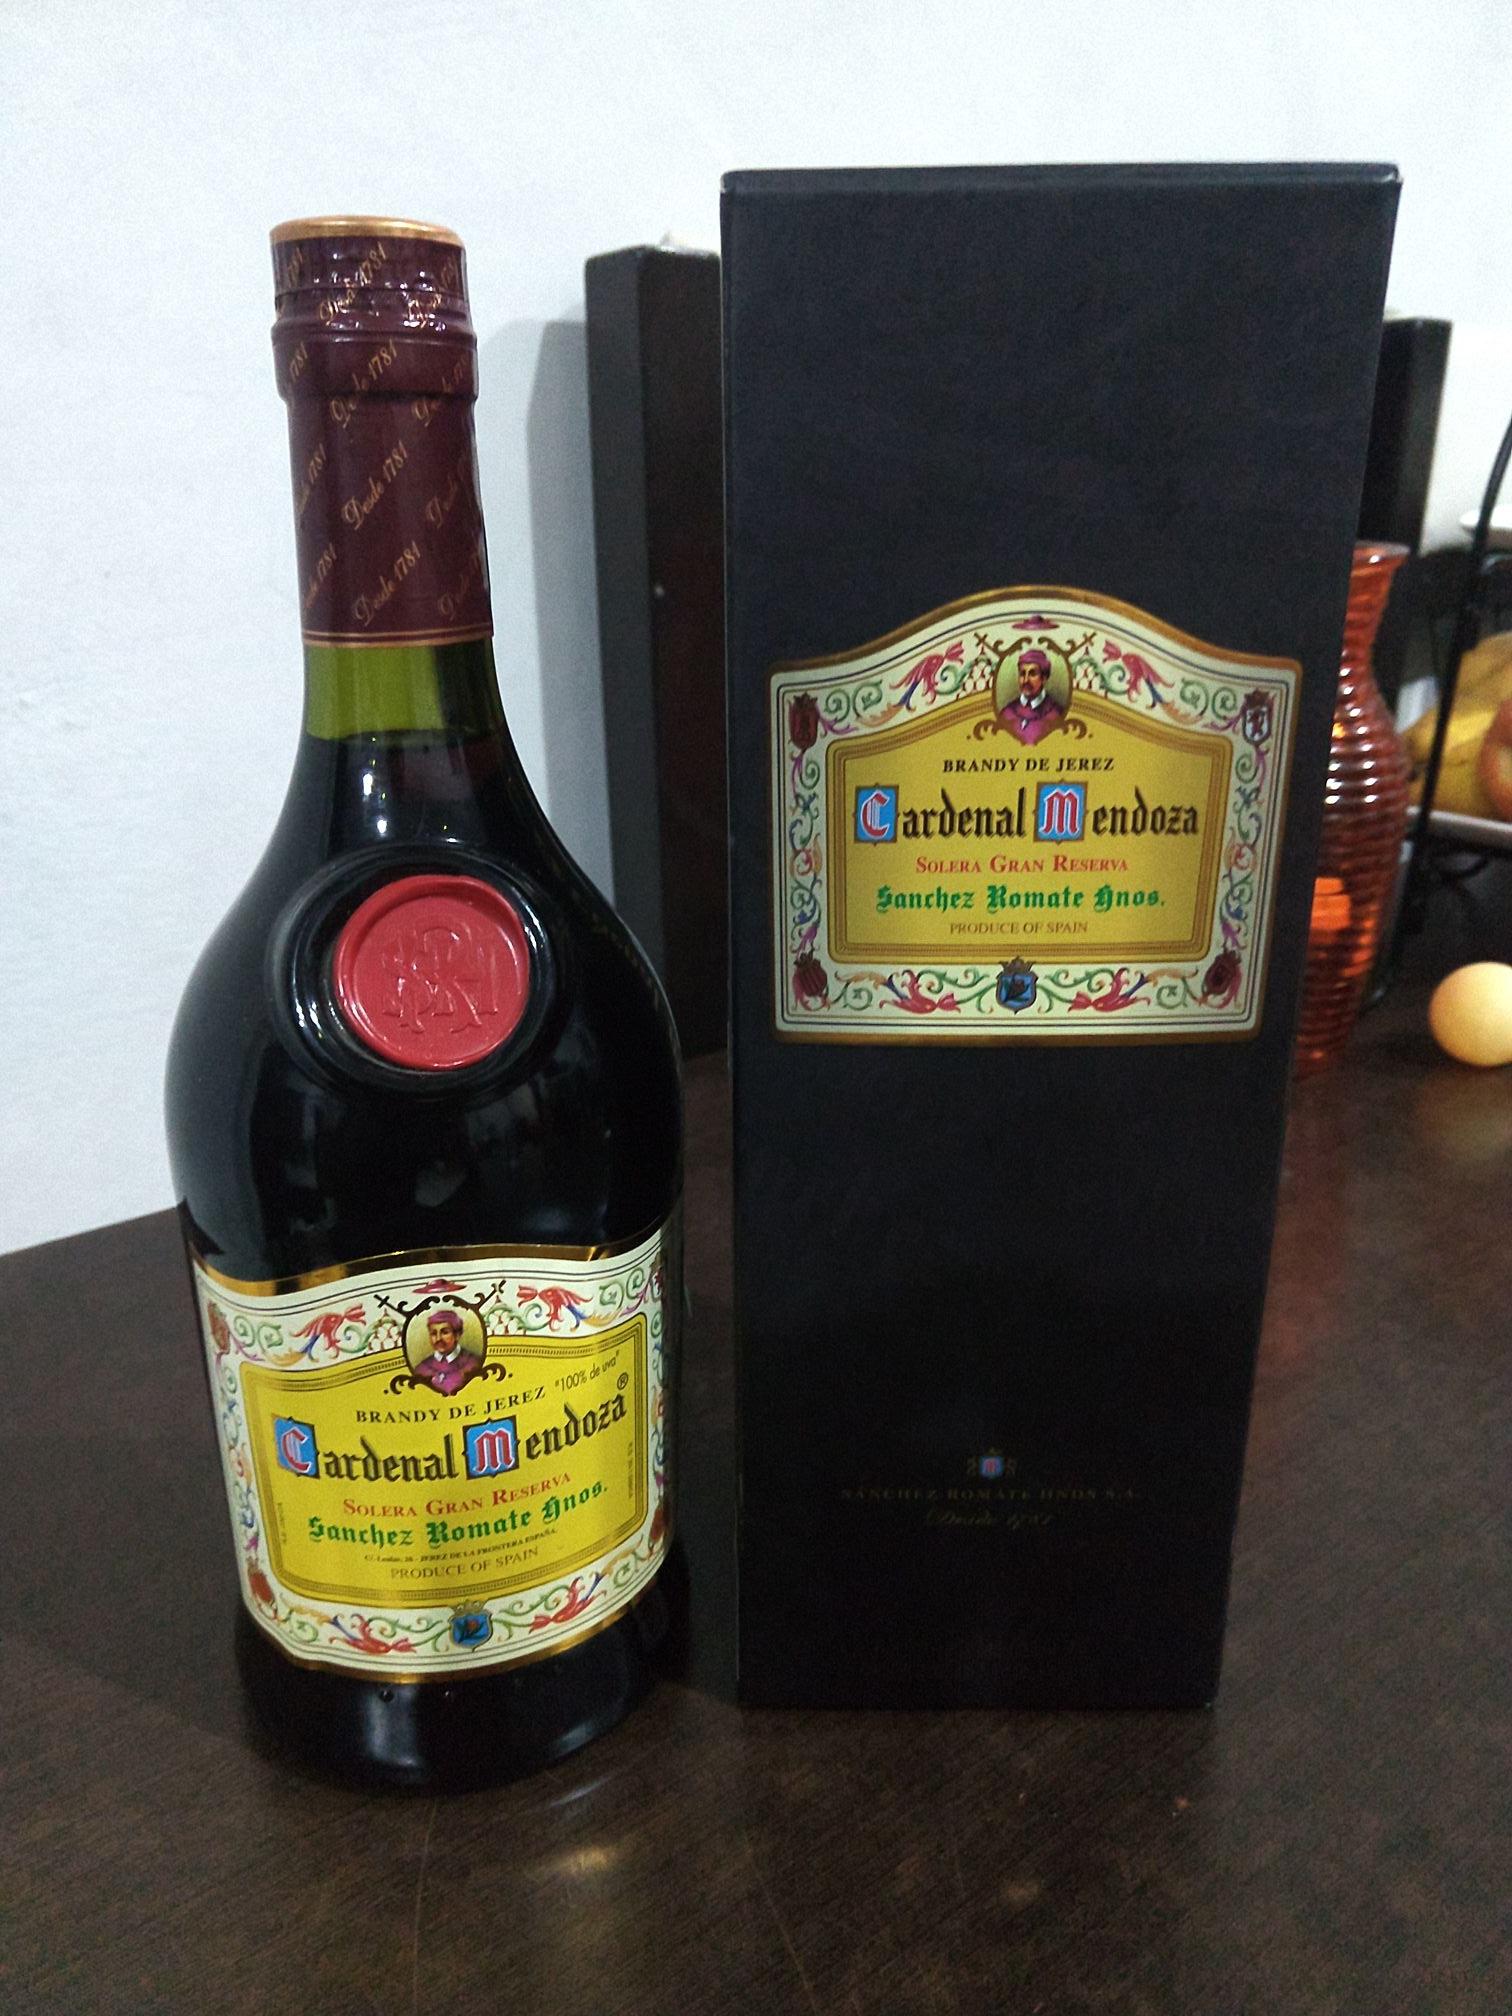 Walmart oriente: brandy cardenal de Mendoza